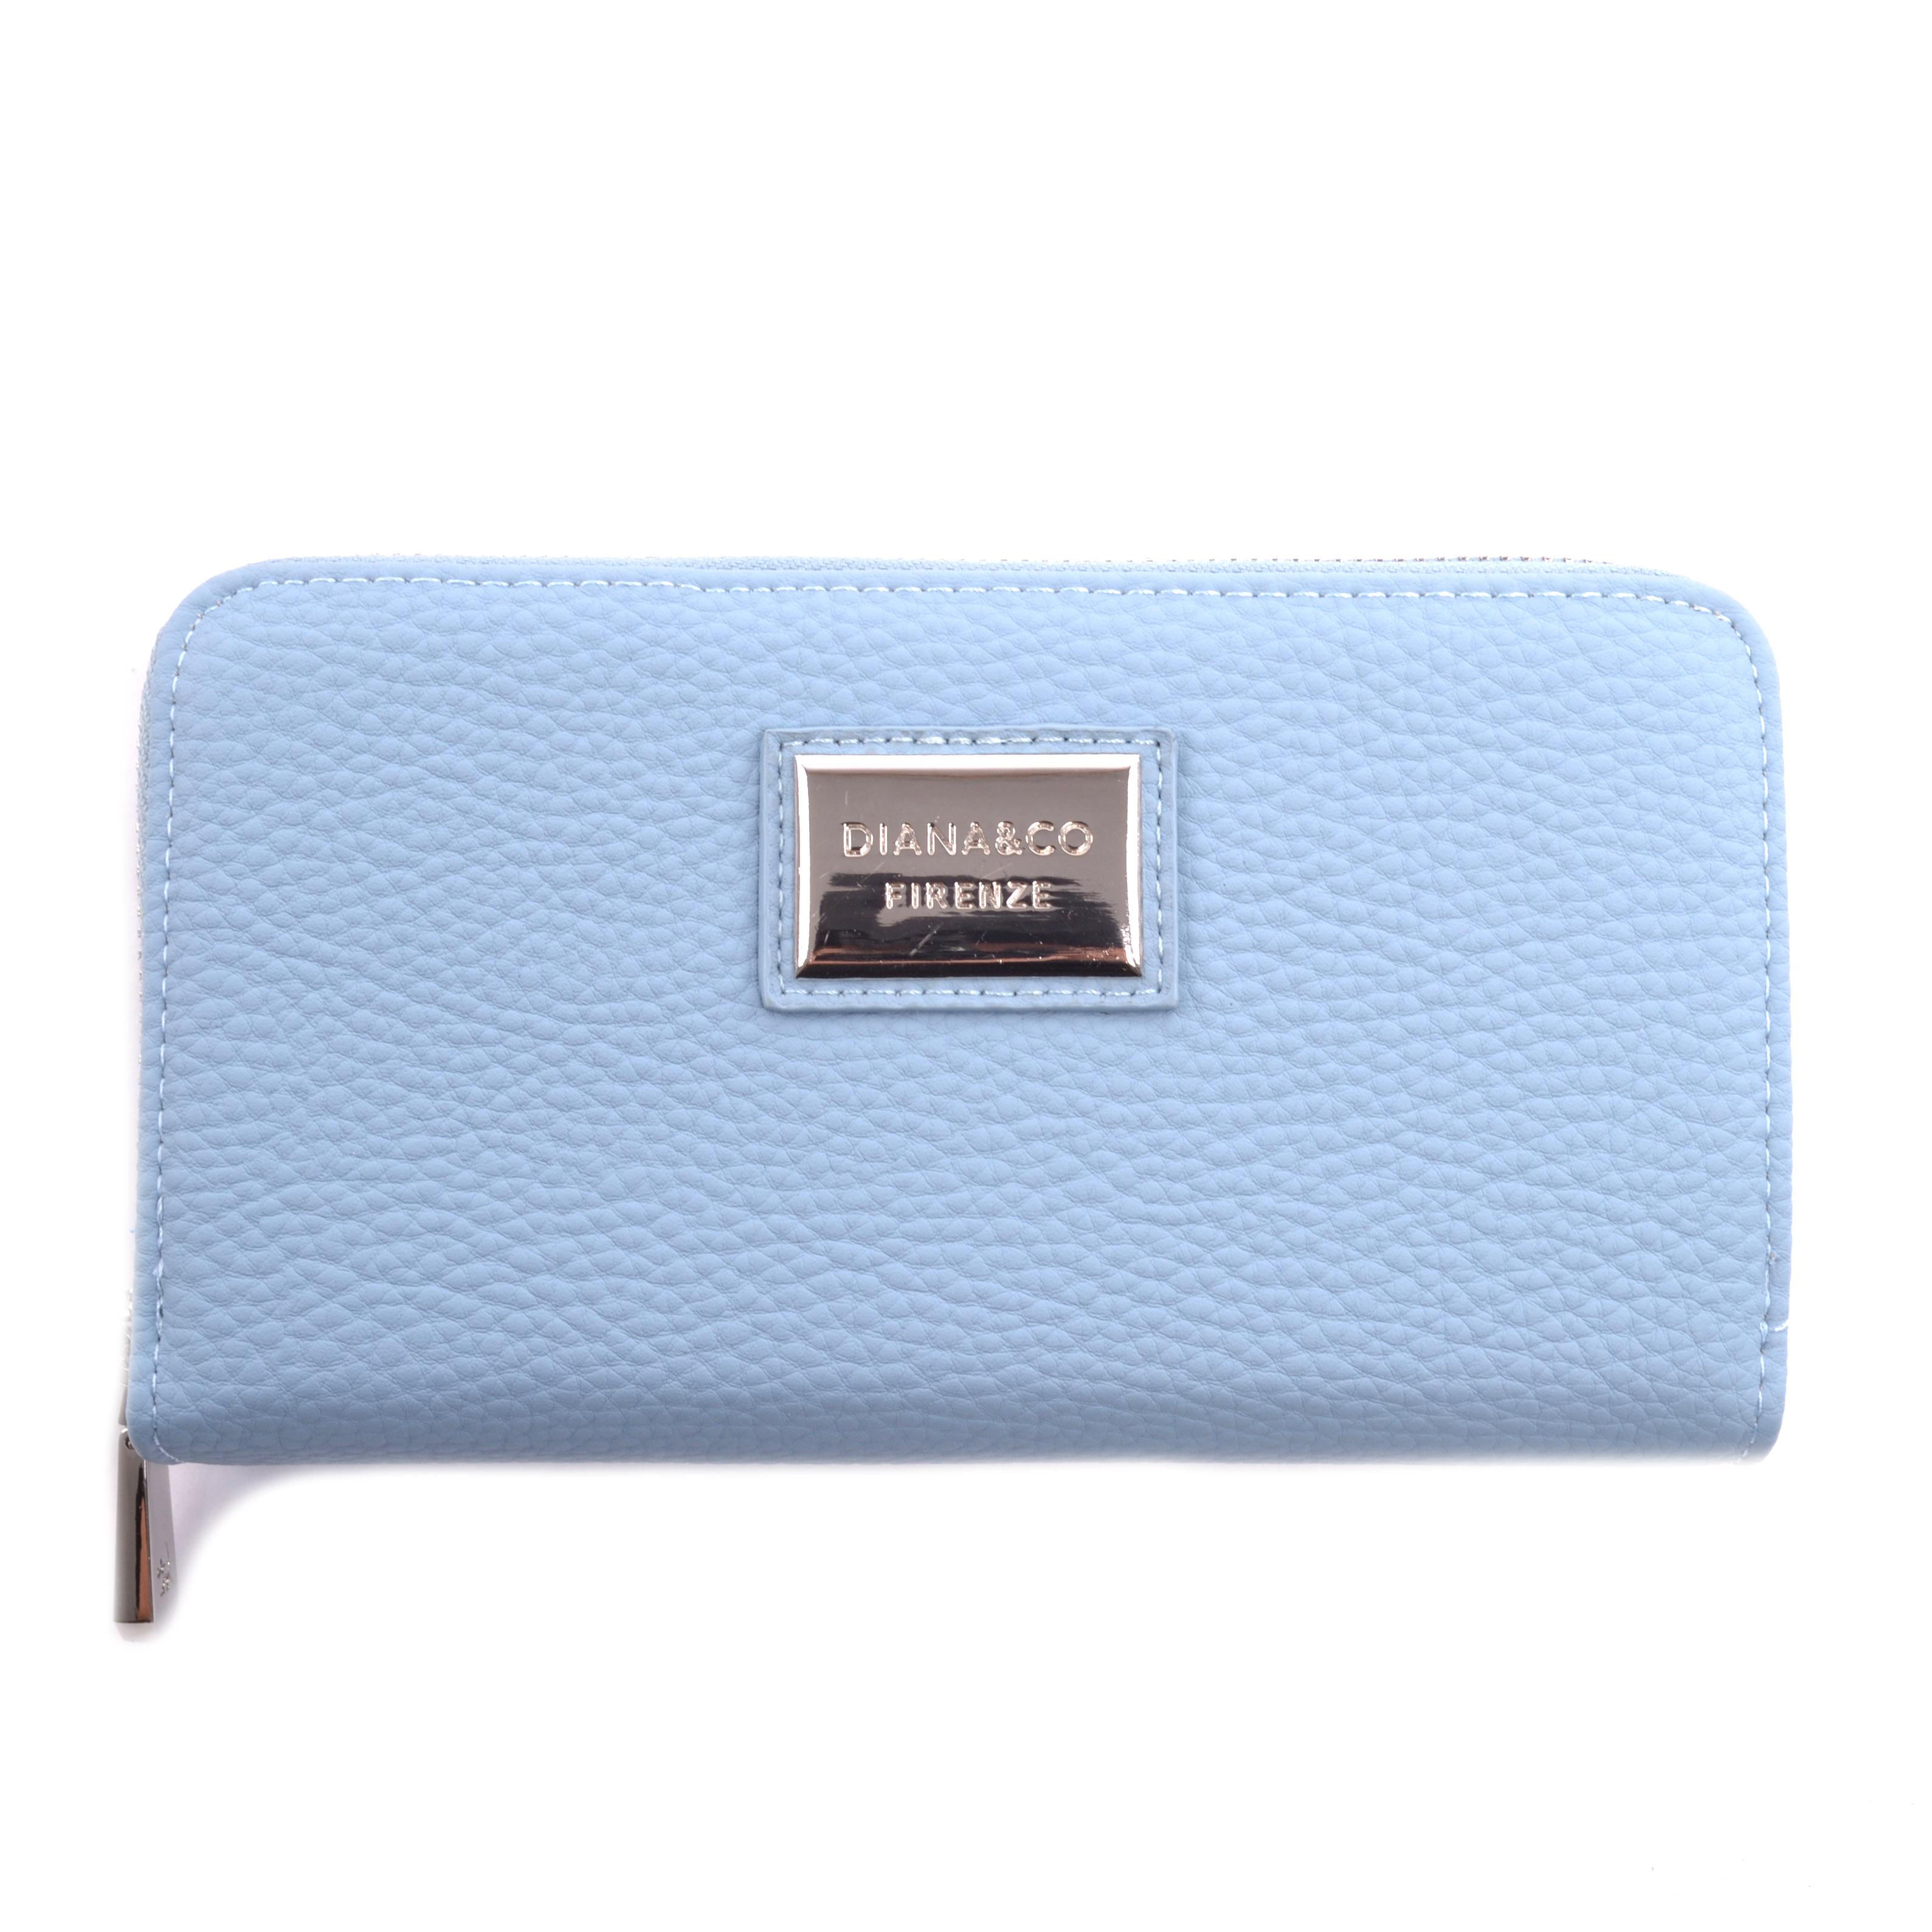 7a1c98ed24 Diana & Co Nő Műbőr Pénztárca Világoskék - NŐI PÉNZTÁRCÁK - Táska webáruház  - Minőségi táskák mindenkinek